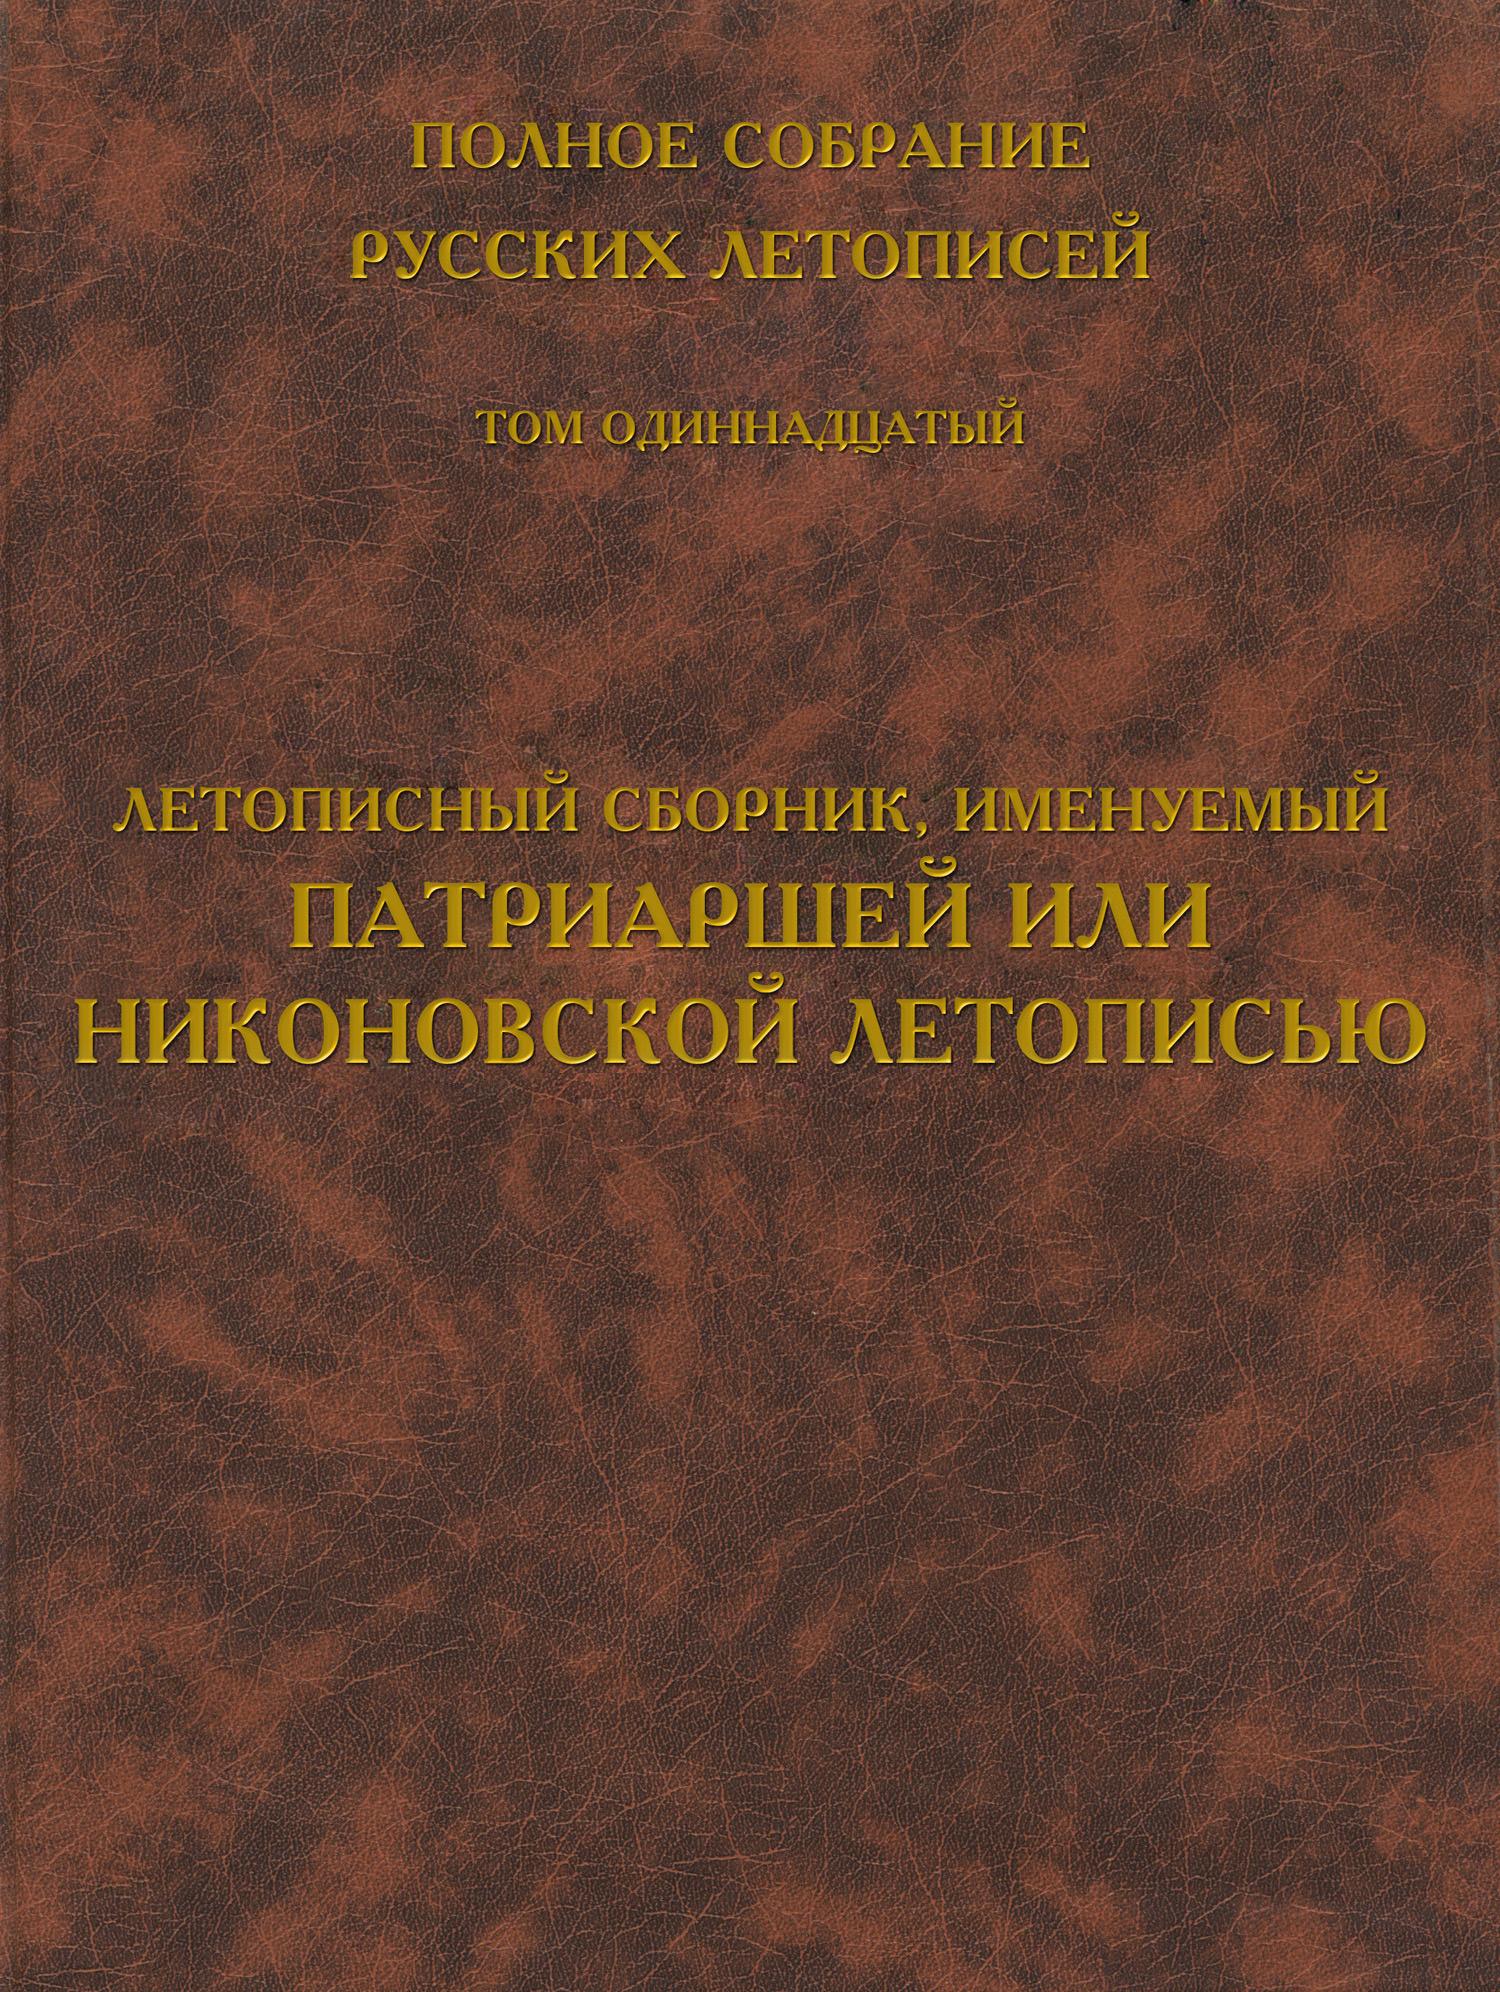 Отсутствует Полное собрание русских летописей. Том 11. Летописный сборник, именуемый Патриаршей или Никоновской летописью